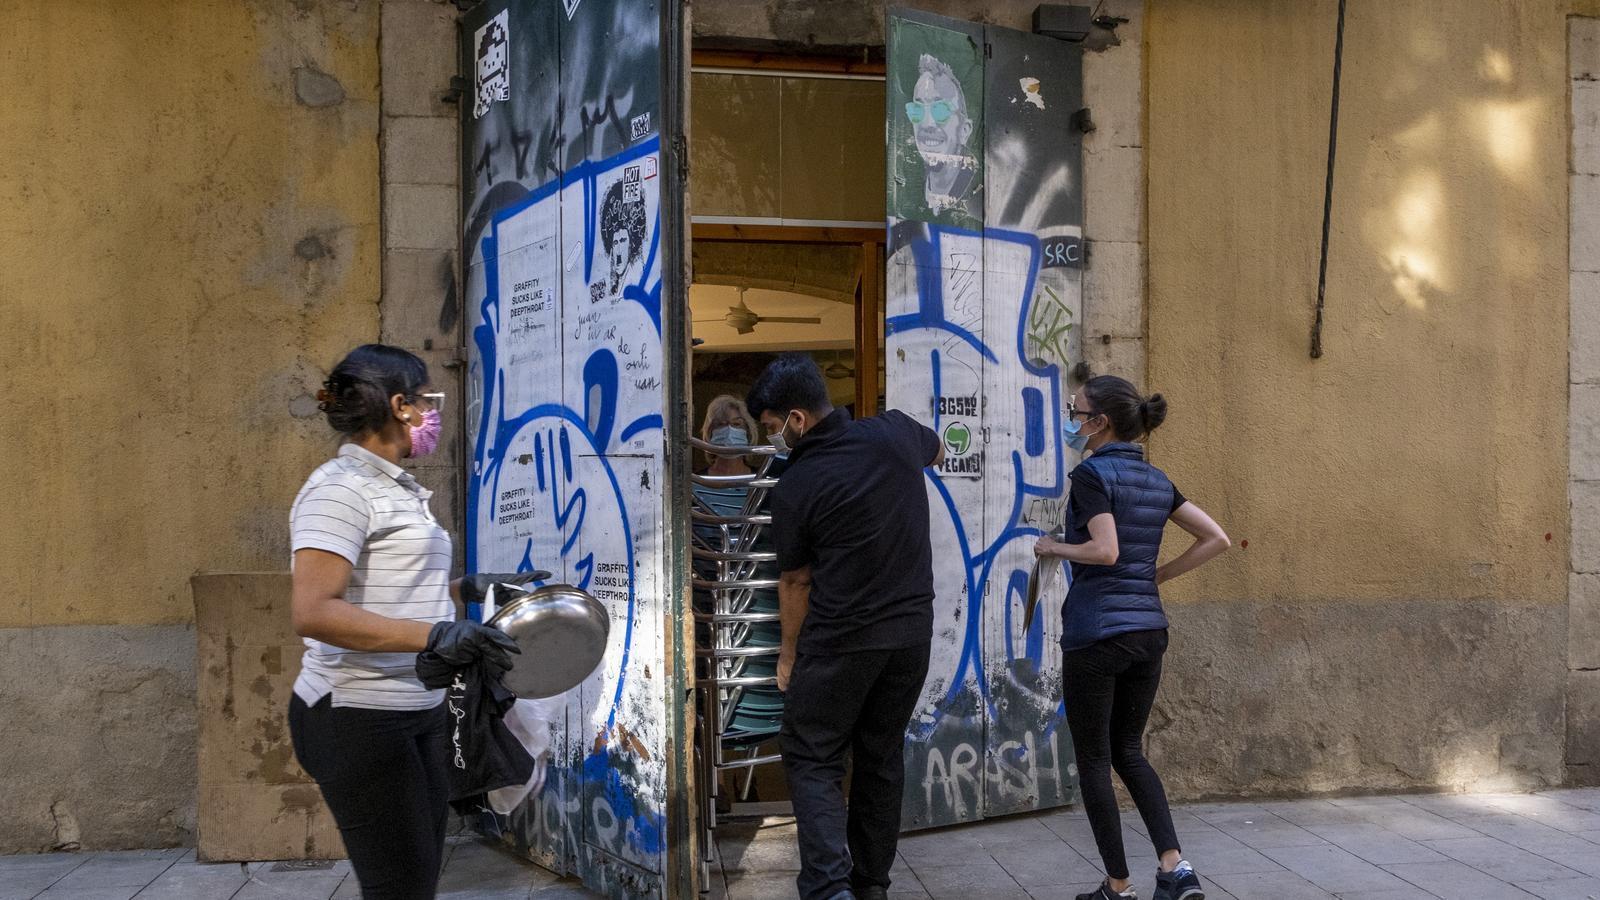 Qui pot ampliar la terrassa? Les claus del desacord entre el Gremi de Restauradors i l'Ajuntament de Barcelona